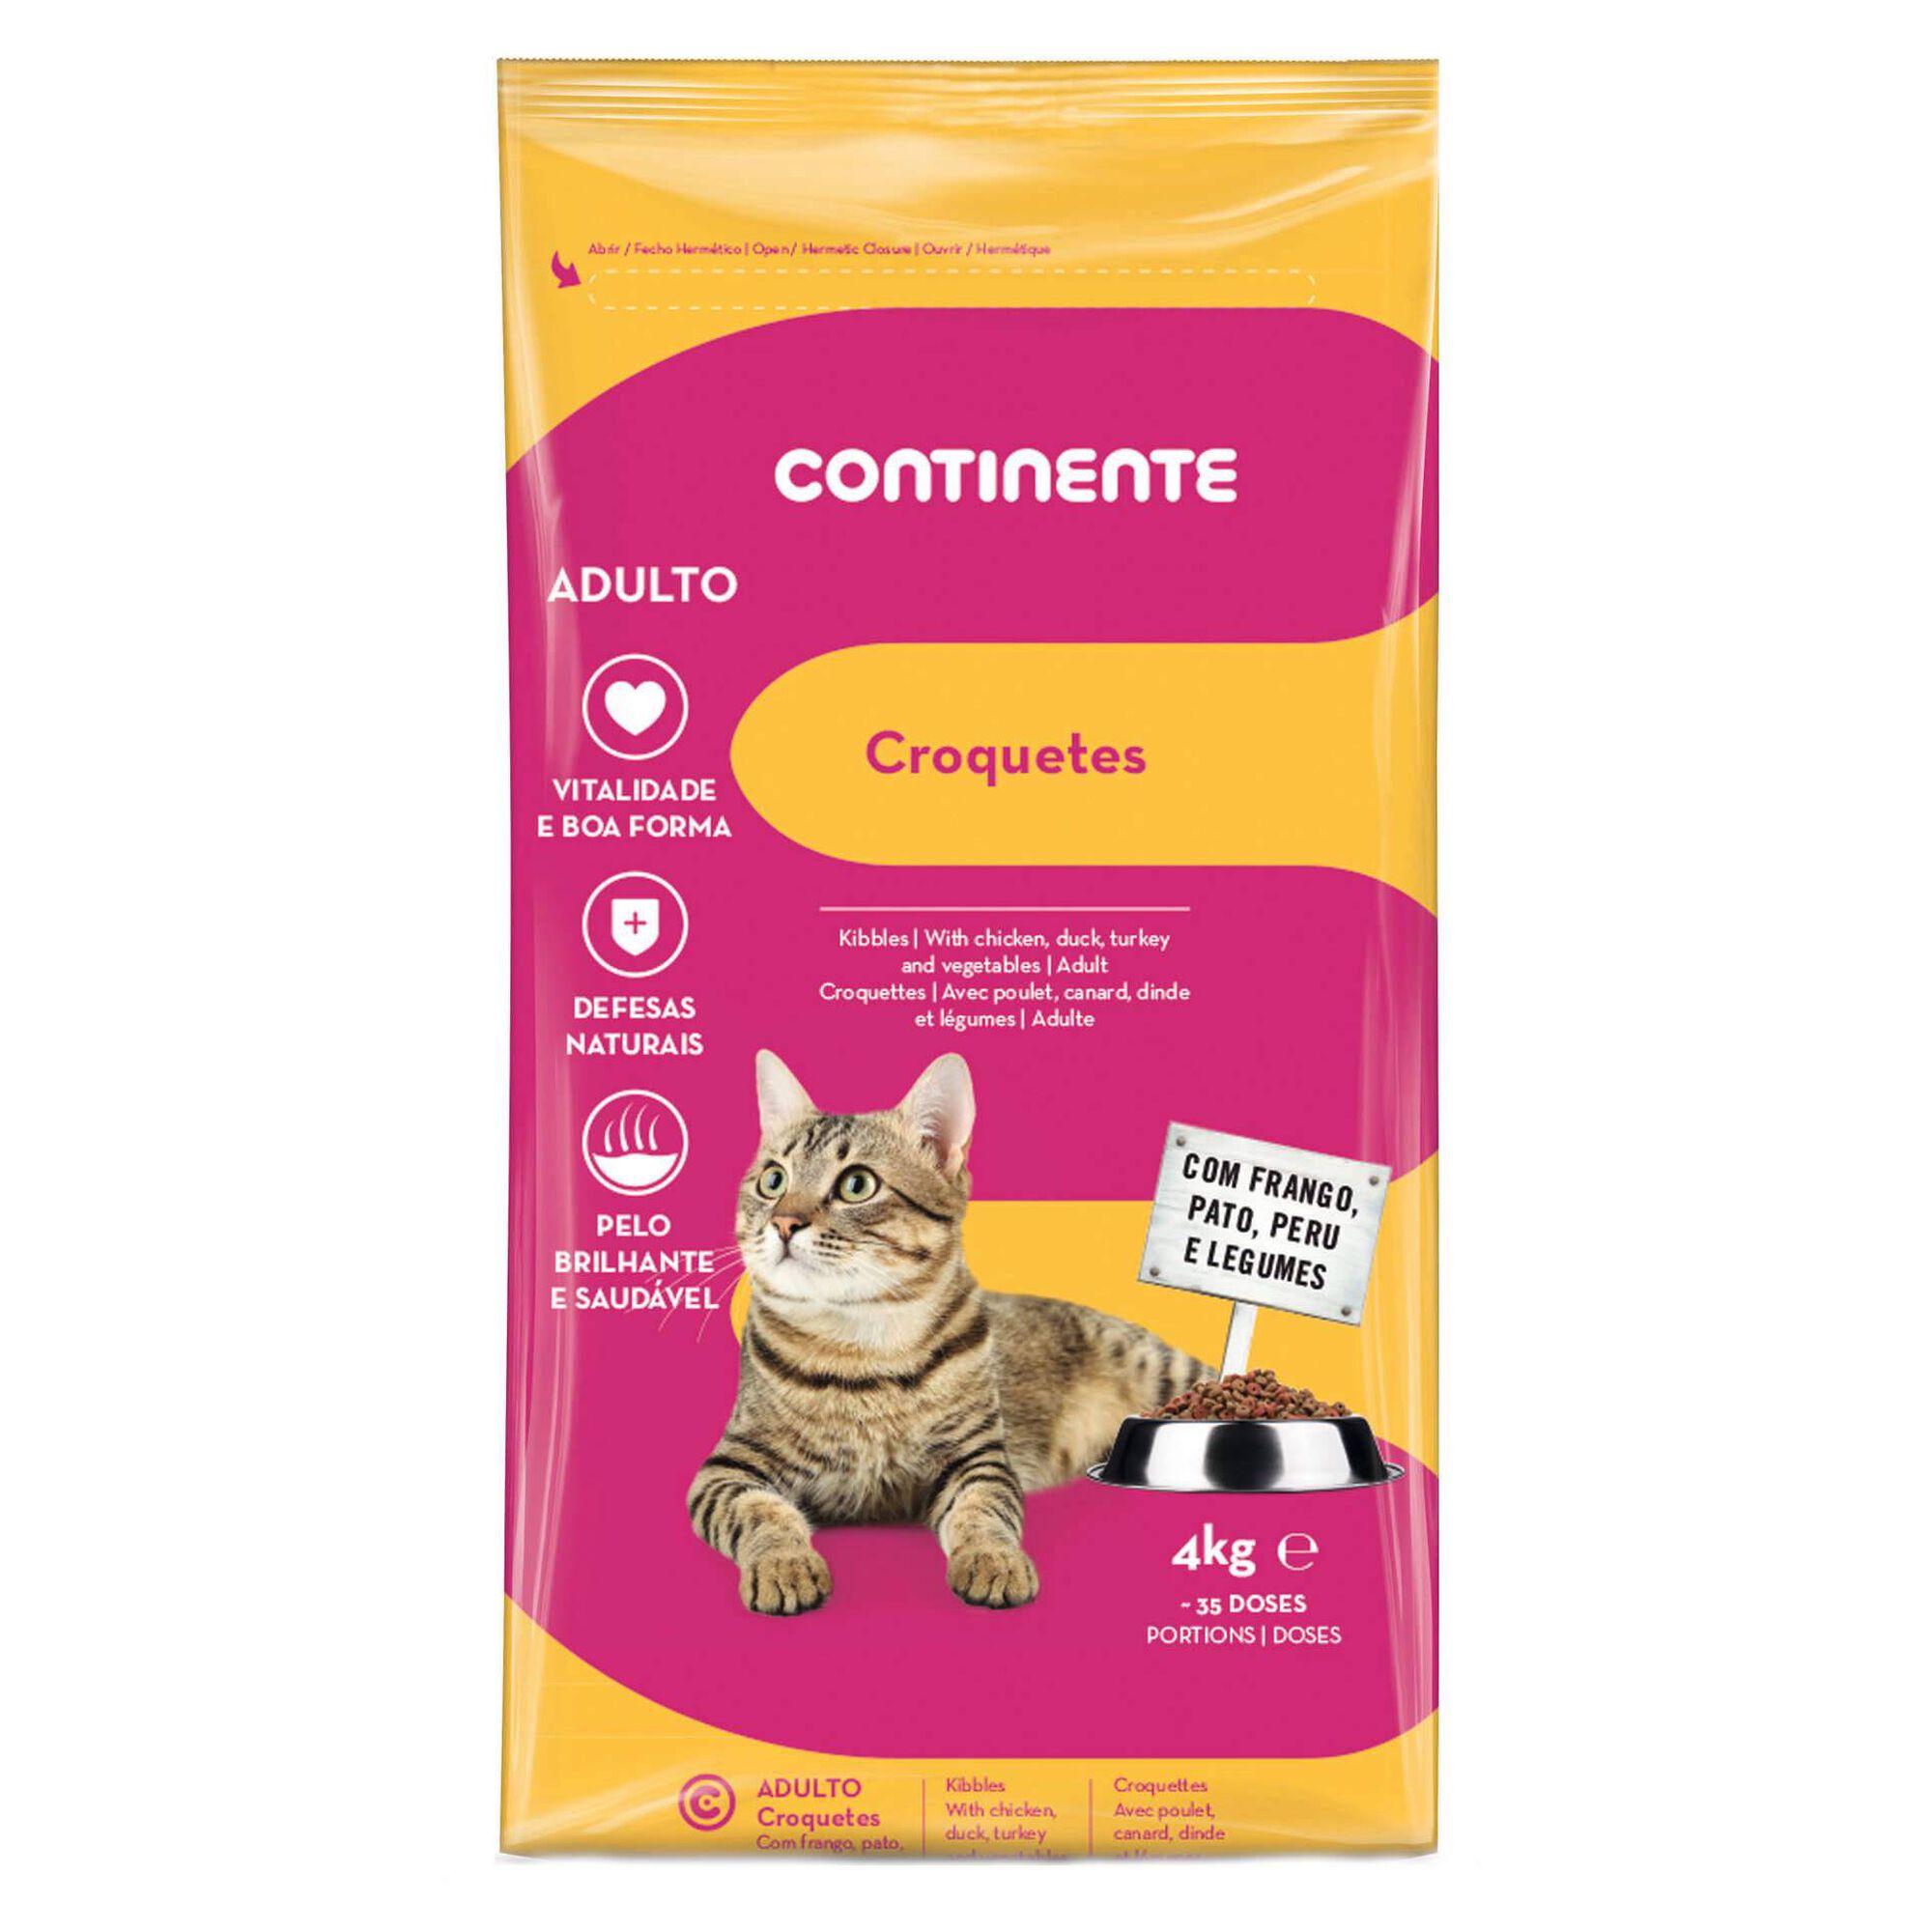 Ração para Gato Adulto Croquetes Frango, Pato, Peru e Legumes